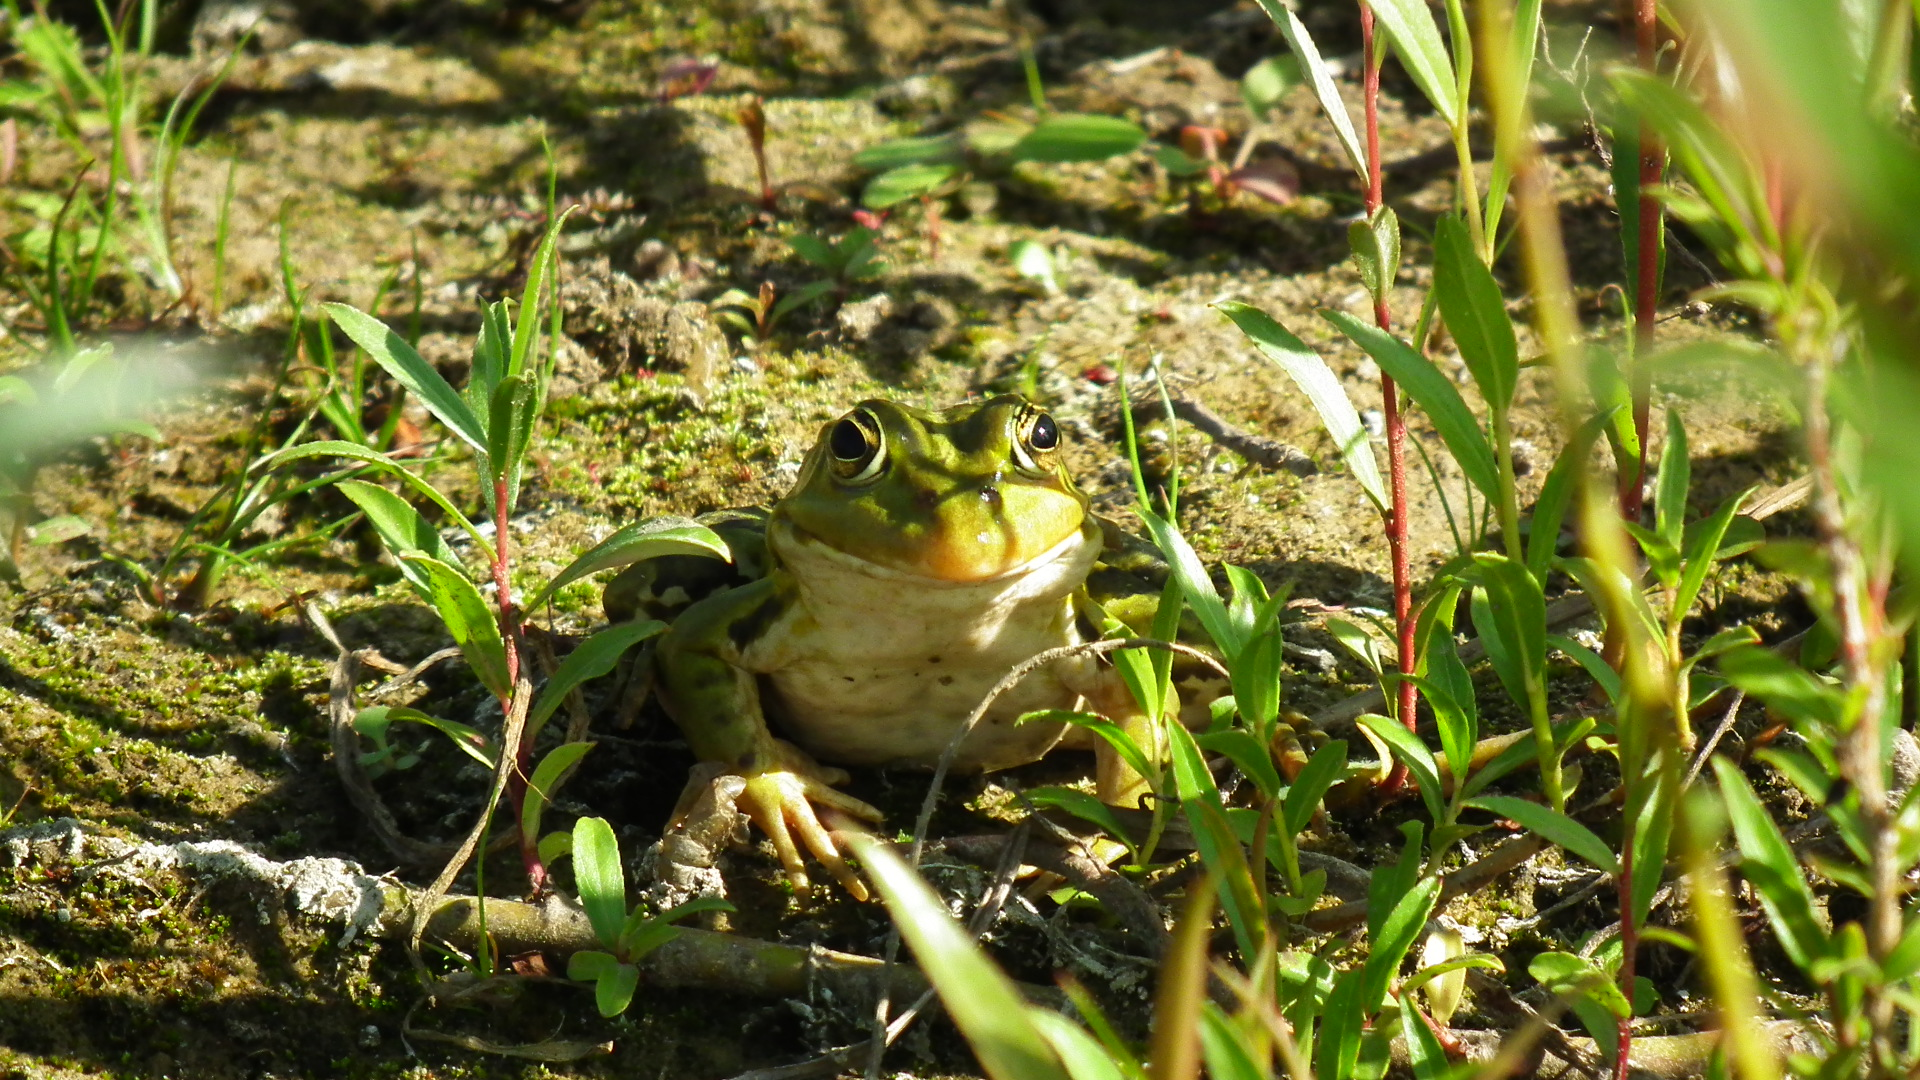 versteckter Frosch